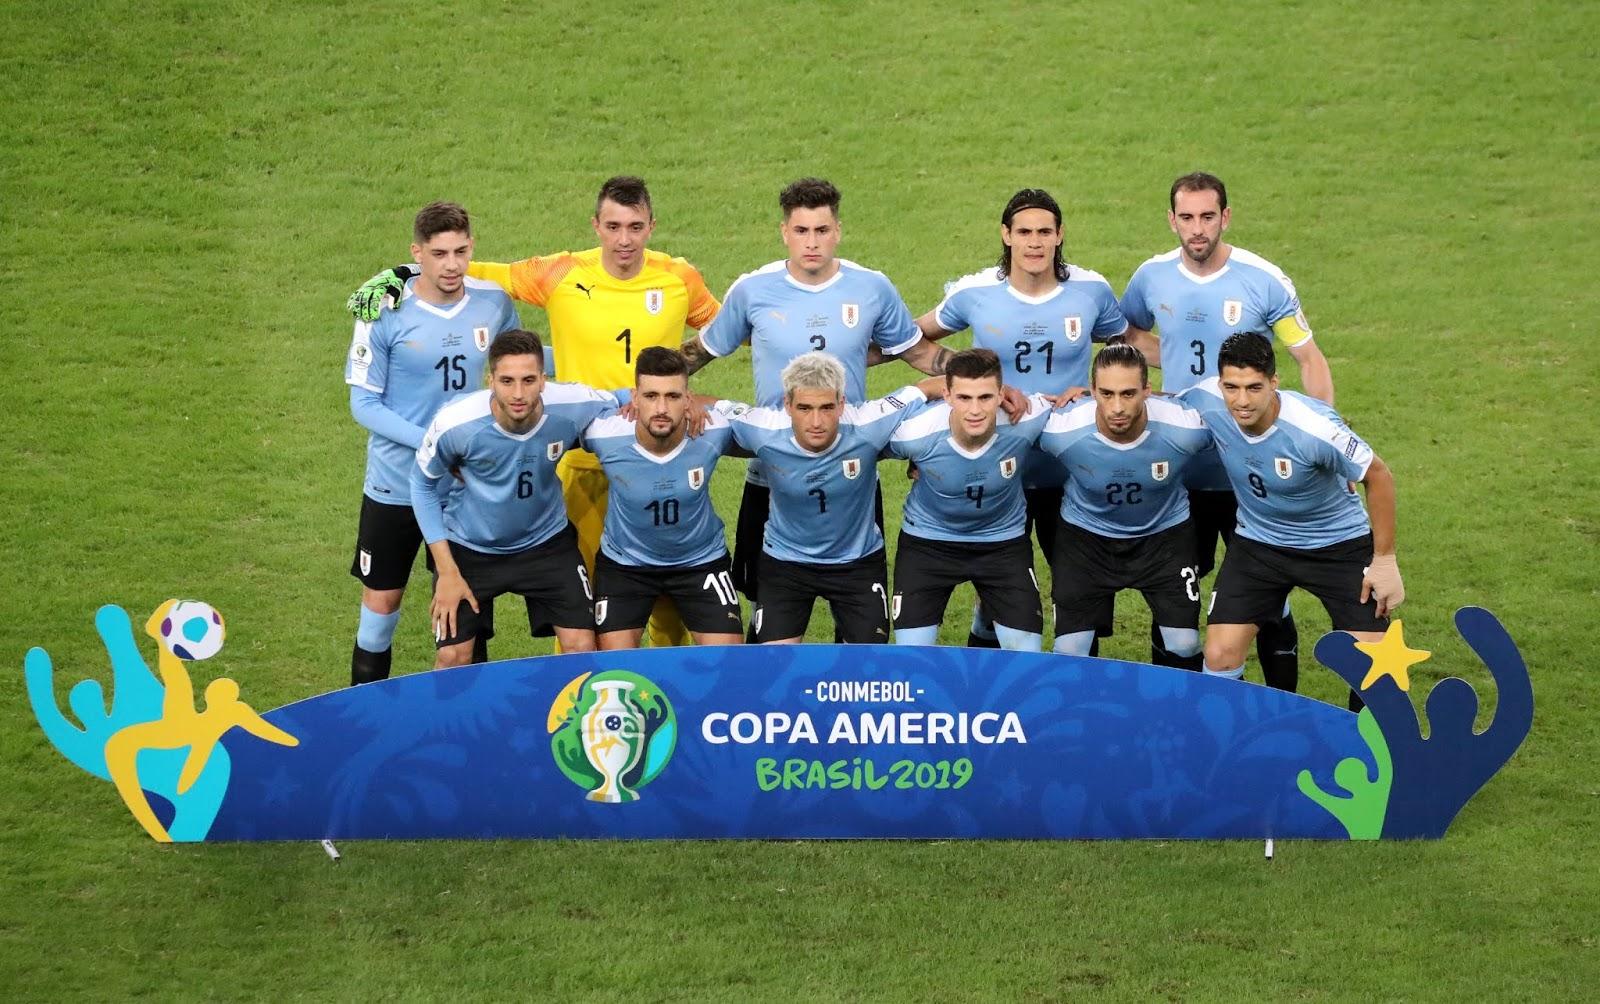 Formación de Uruguay ante Chile, Copa América 2019, 24 de junio